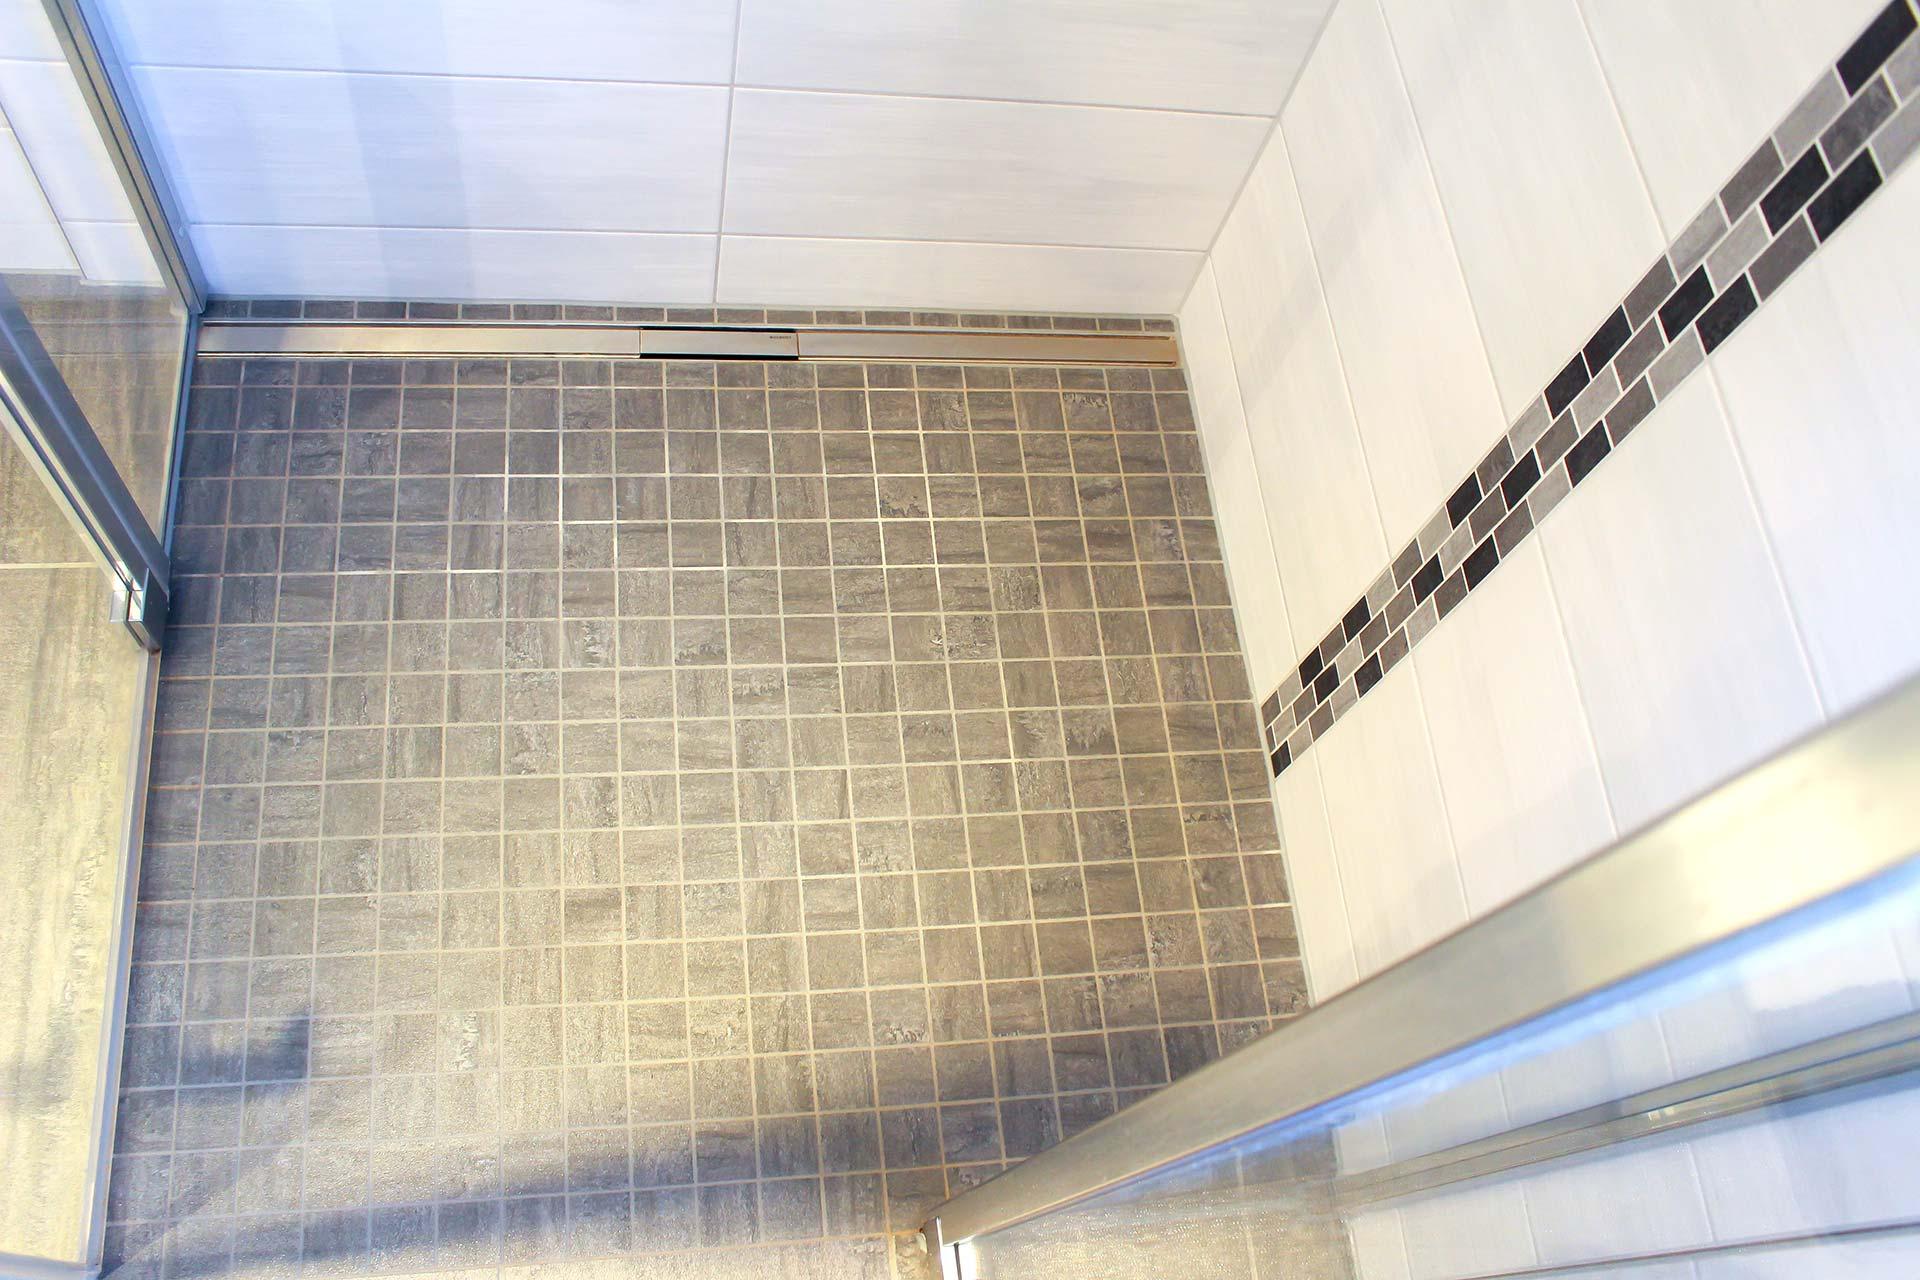 Ebenerdige Dusche mit Mosaik